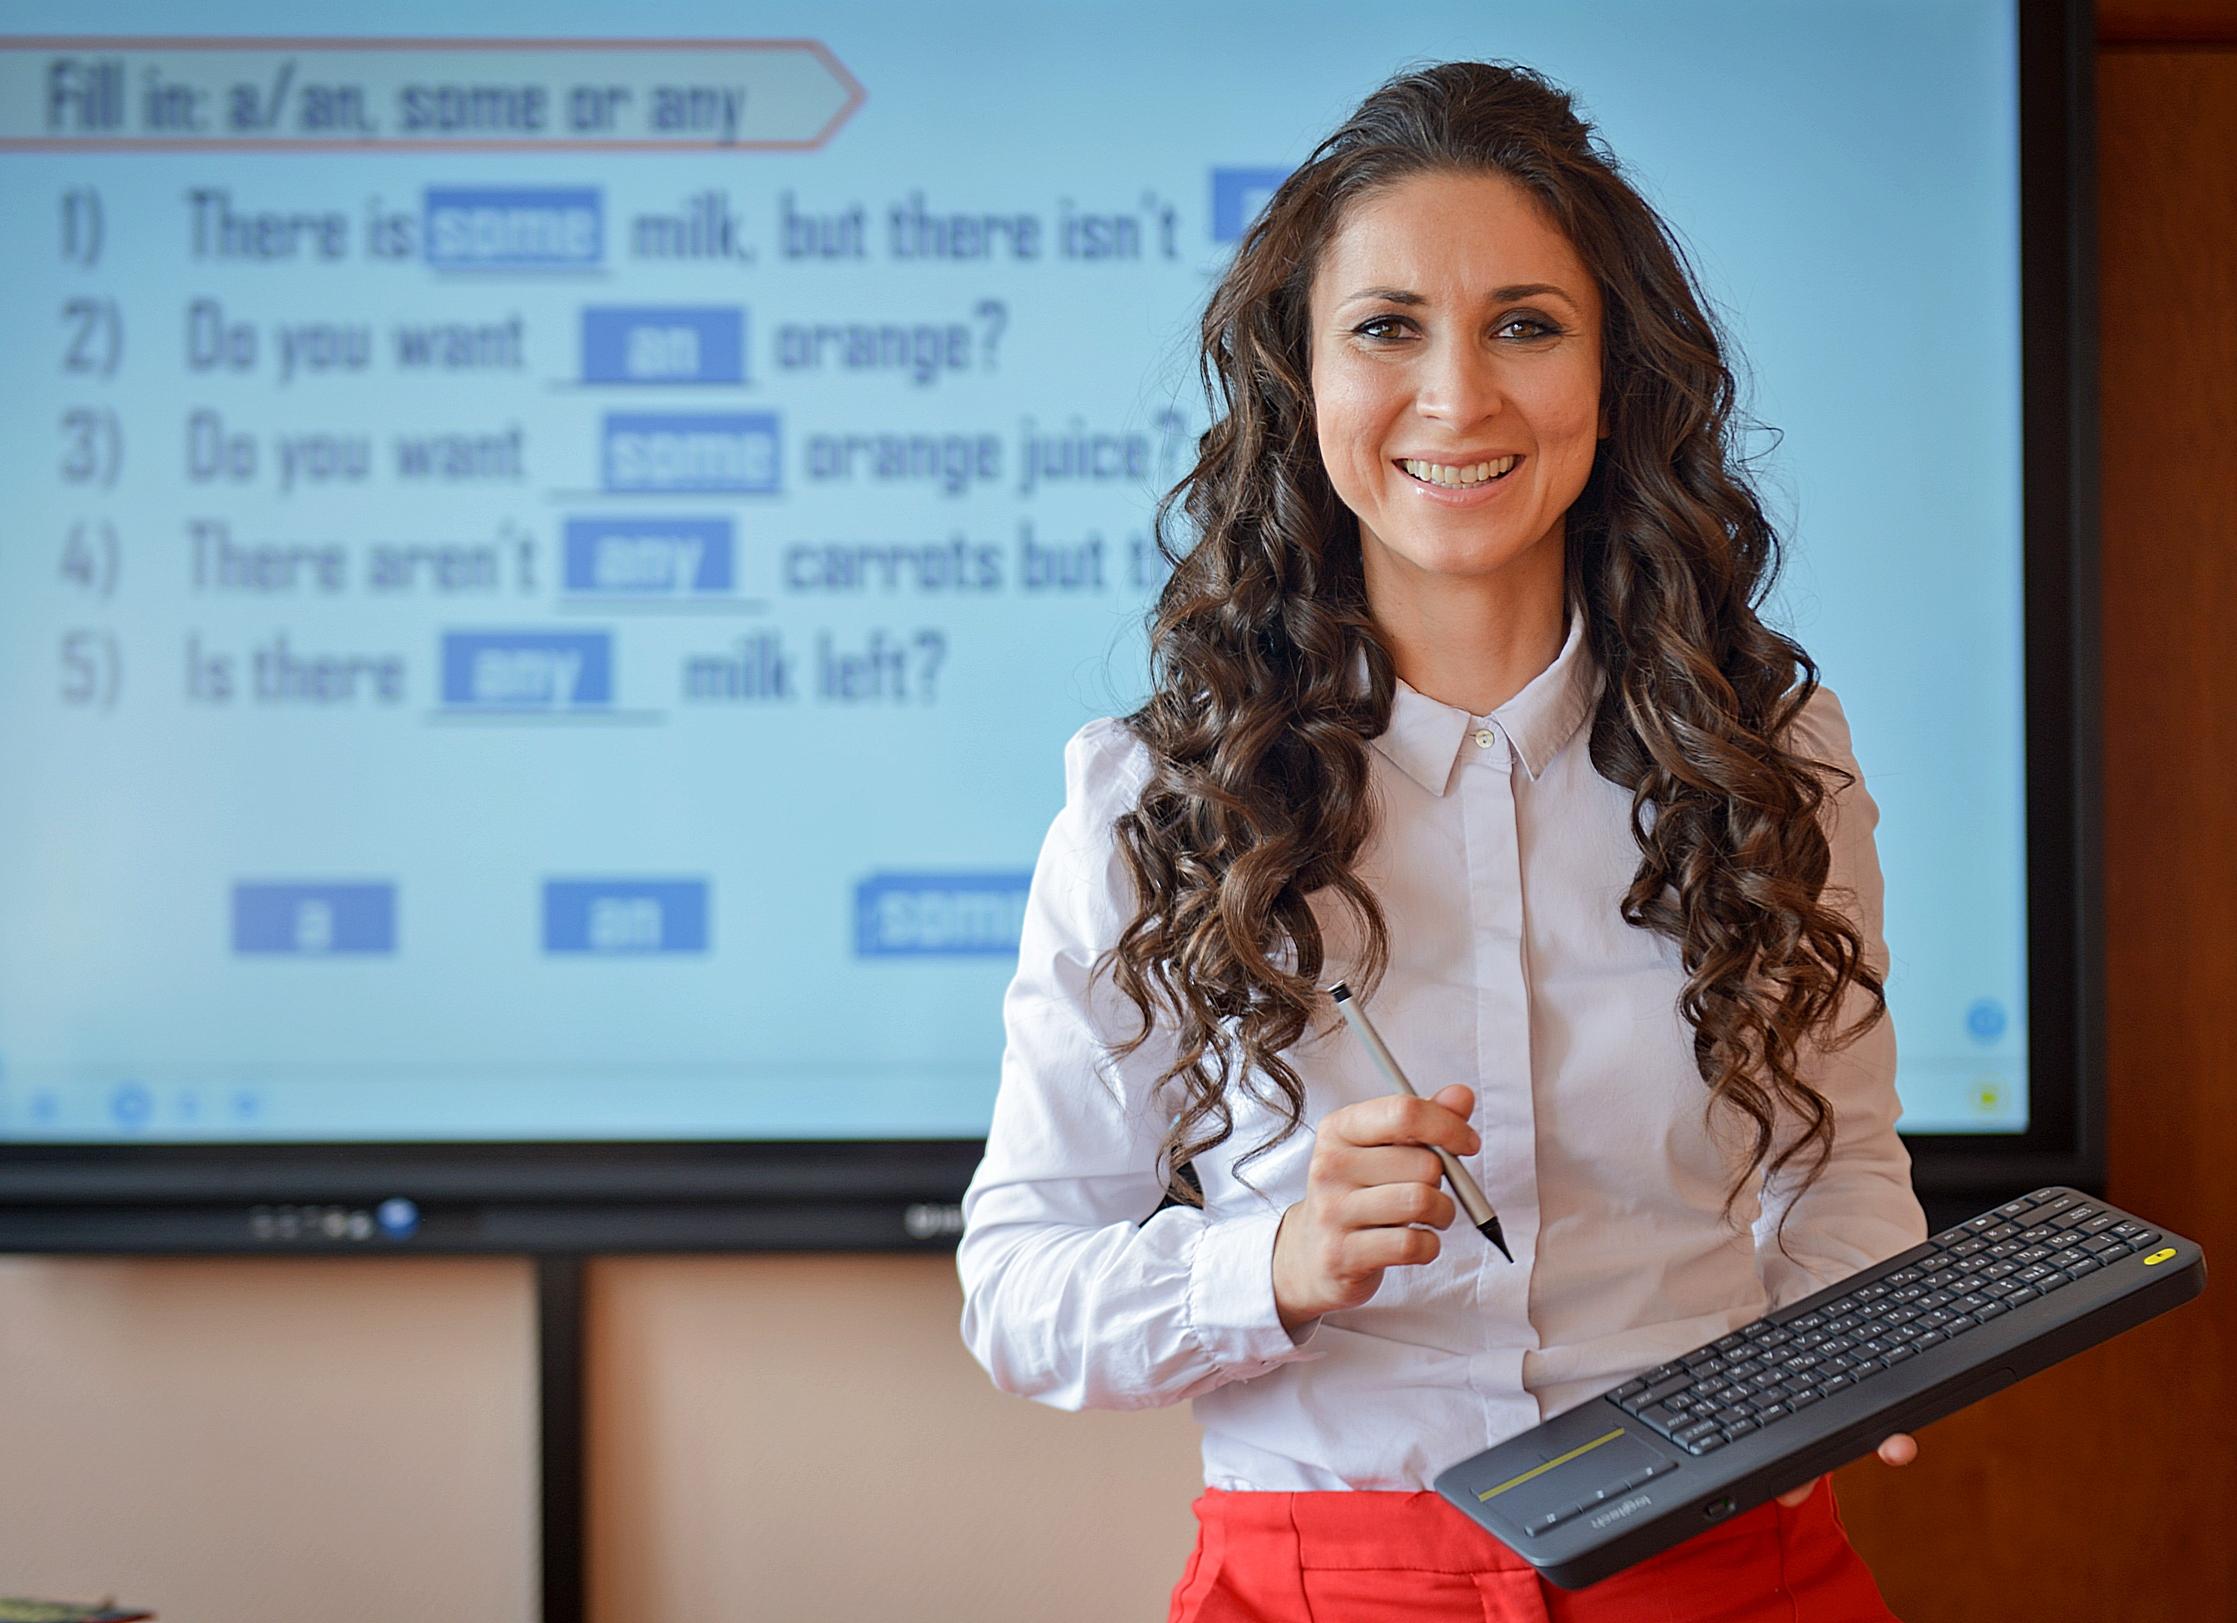 Московские учителя провели около 10 миллионов онлайн-уроков в период самоизоляции